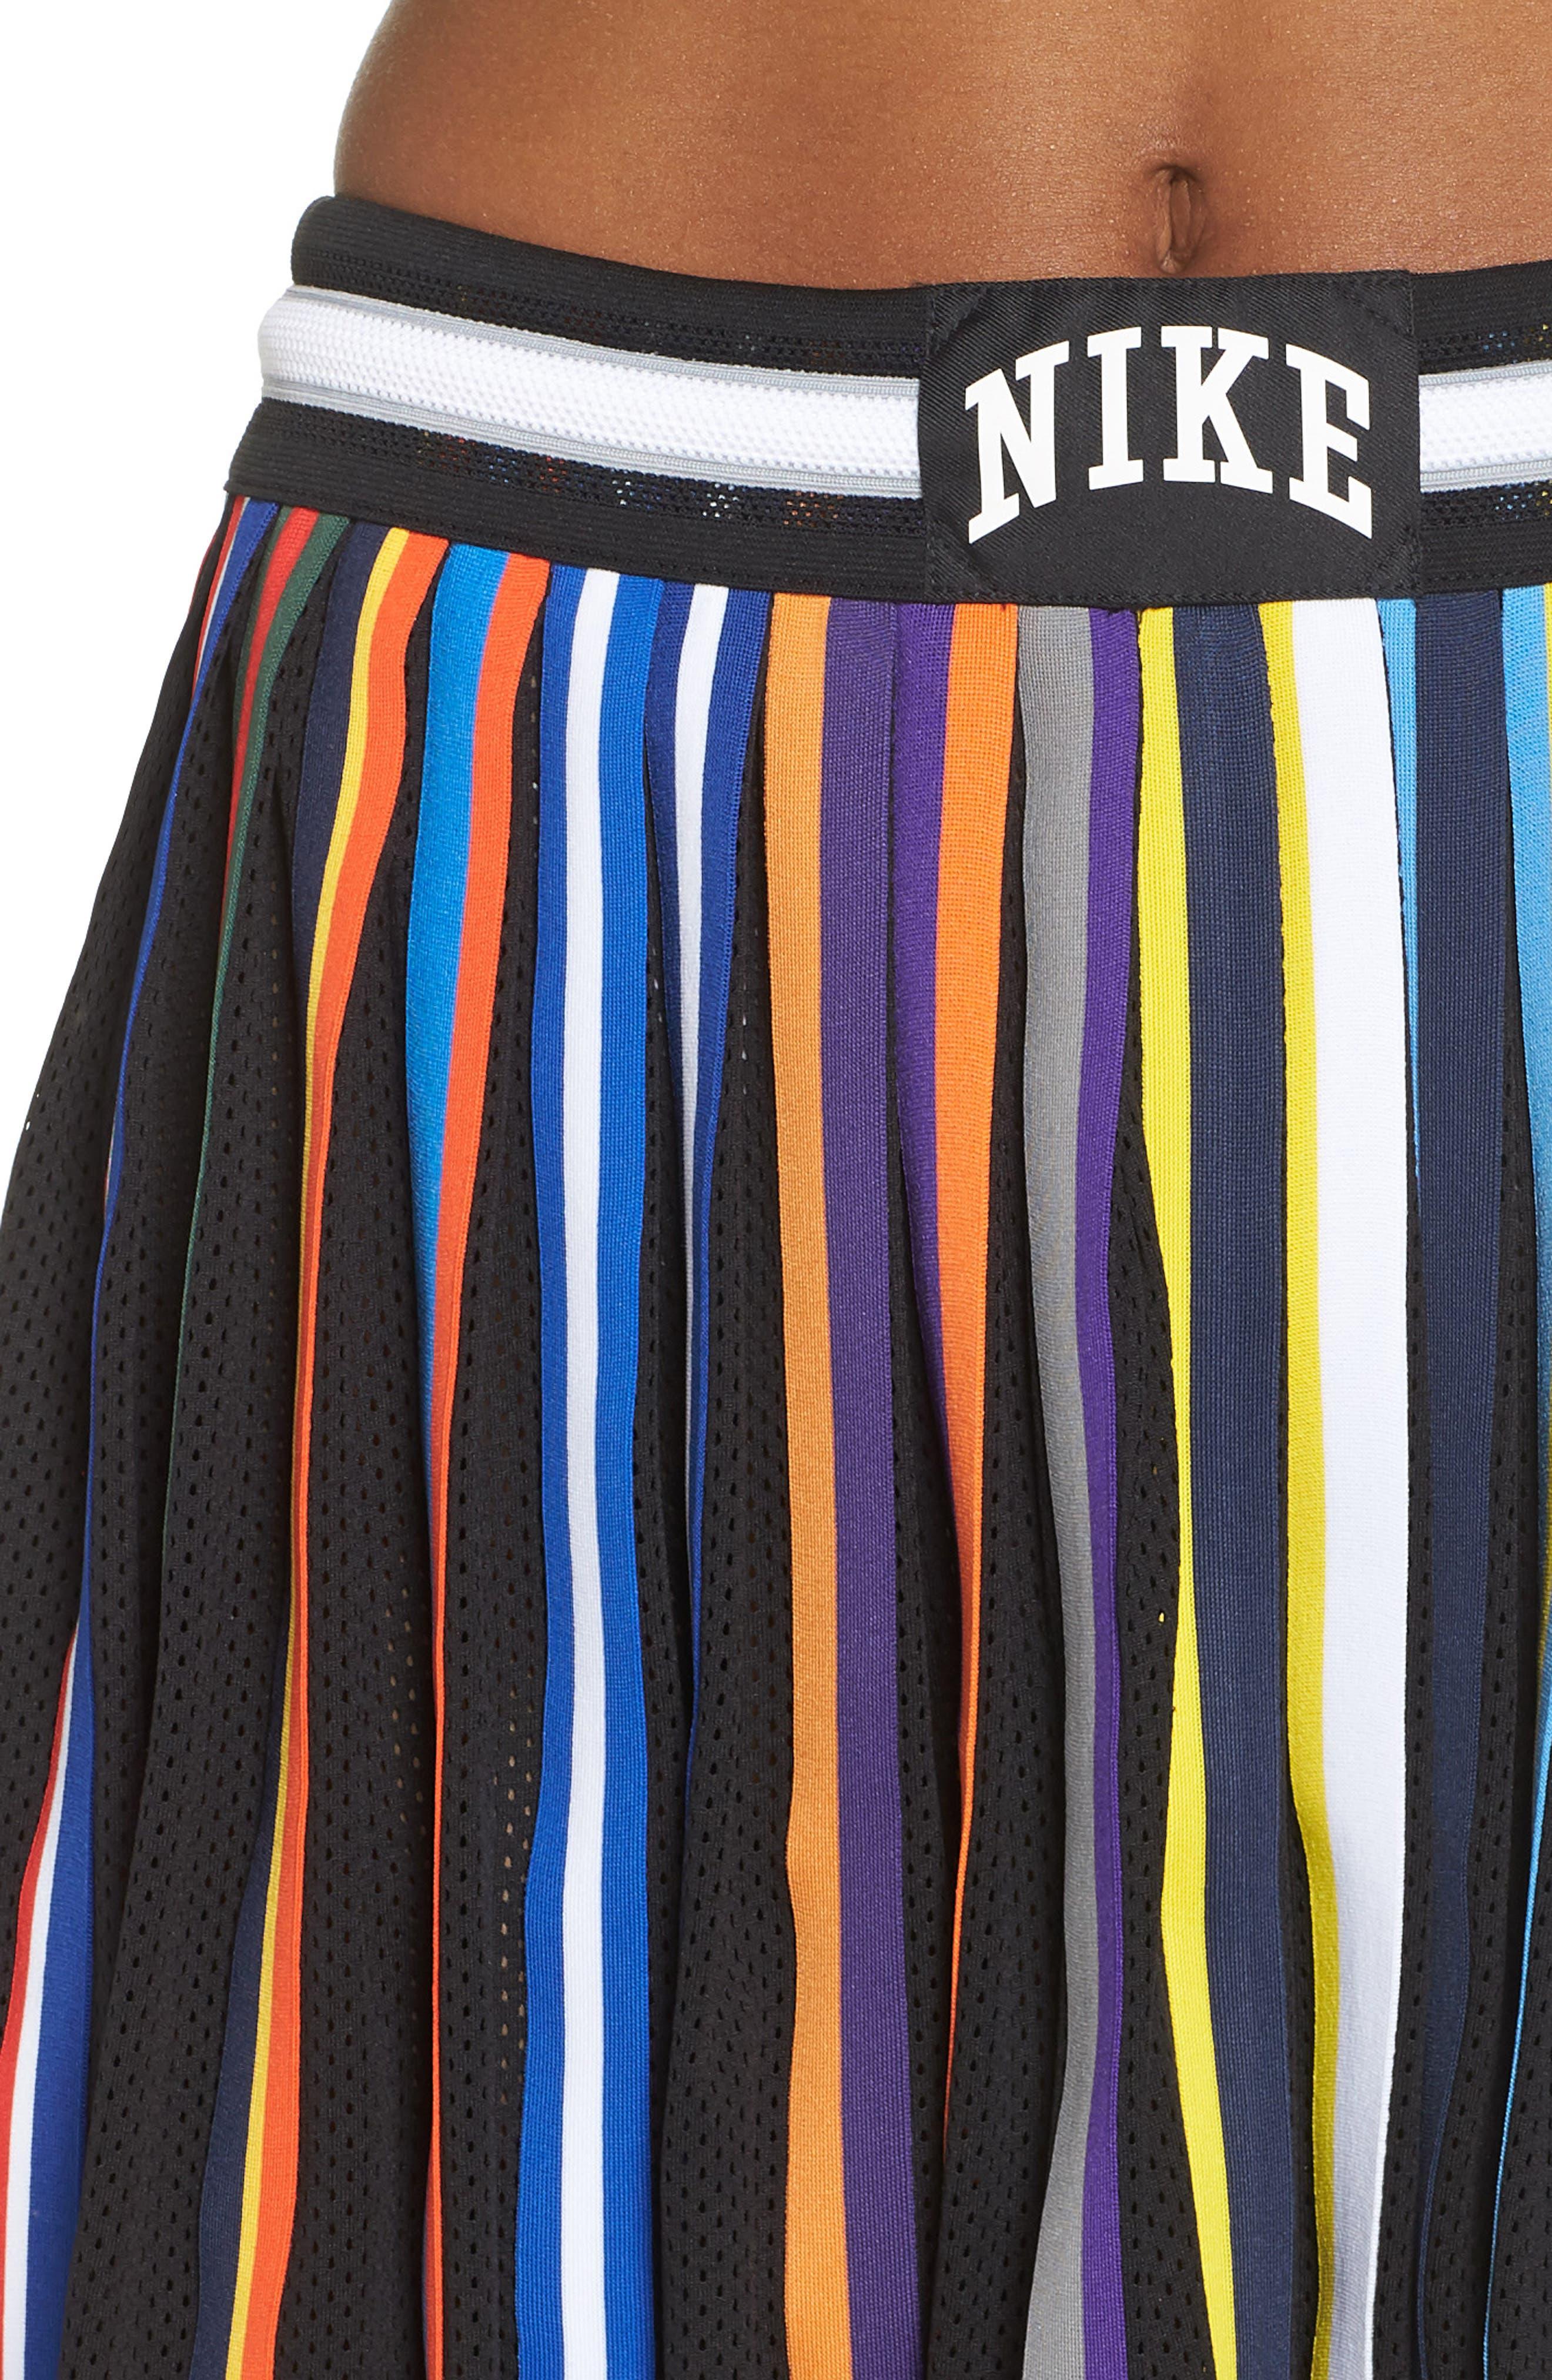 NikeLab Basketball Stripe Skirt,                             Alternate thumbnail 4, color,                             BLACK